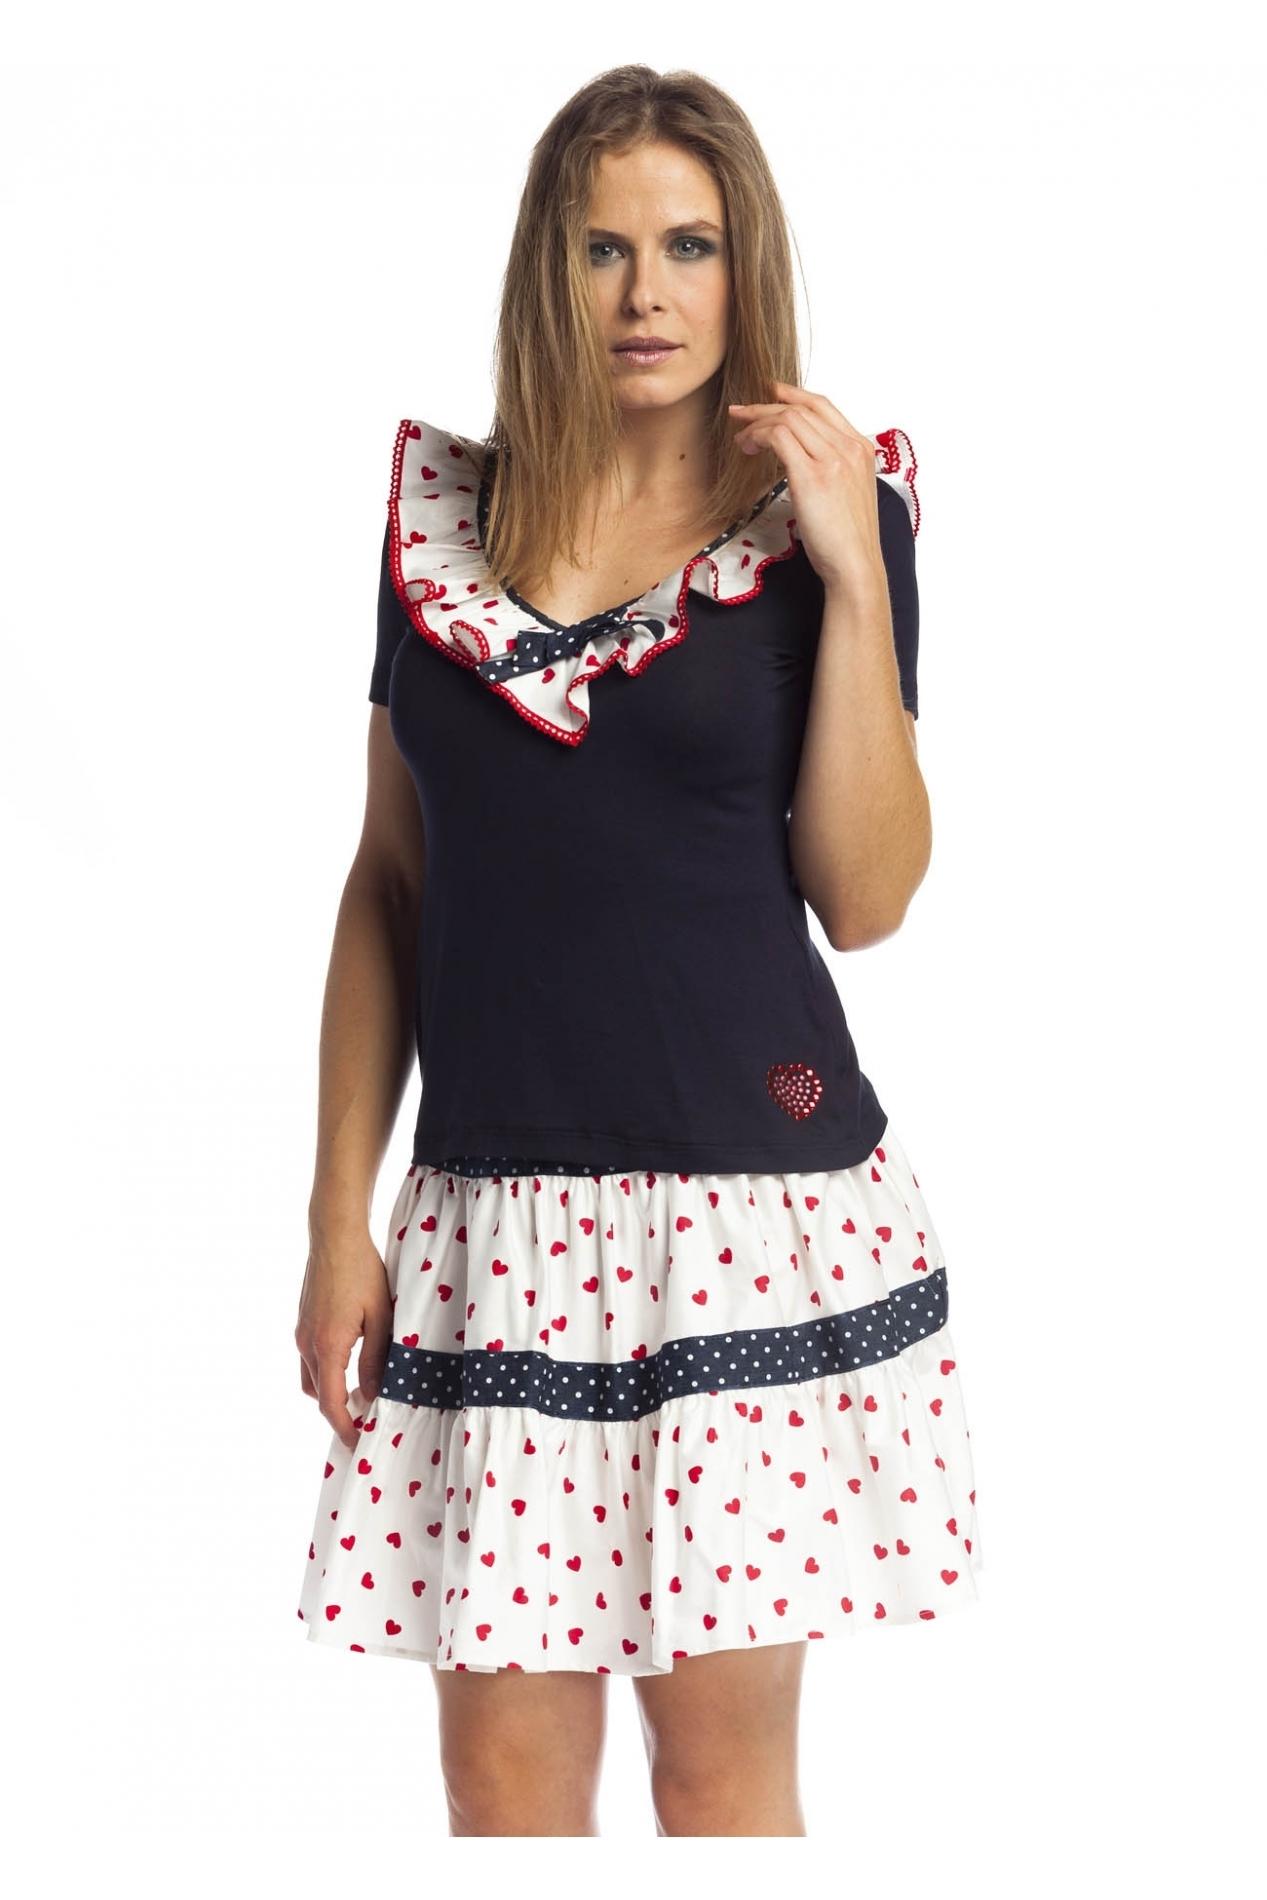 Rosalita McGee: Playful Sailor Tiara Cotton Top (2 Left!)